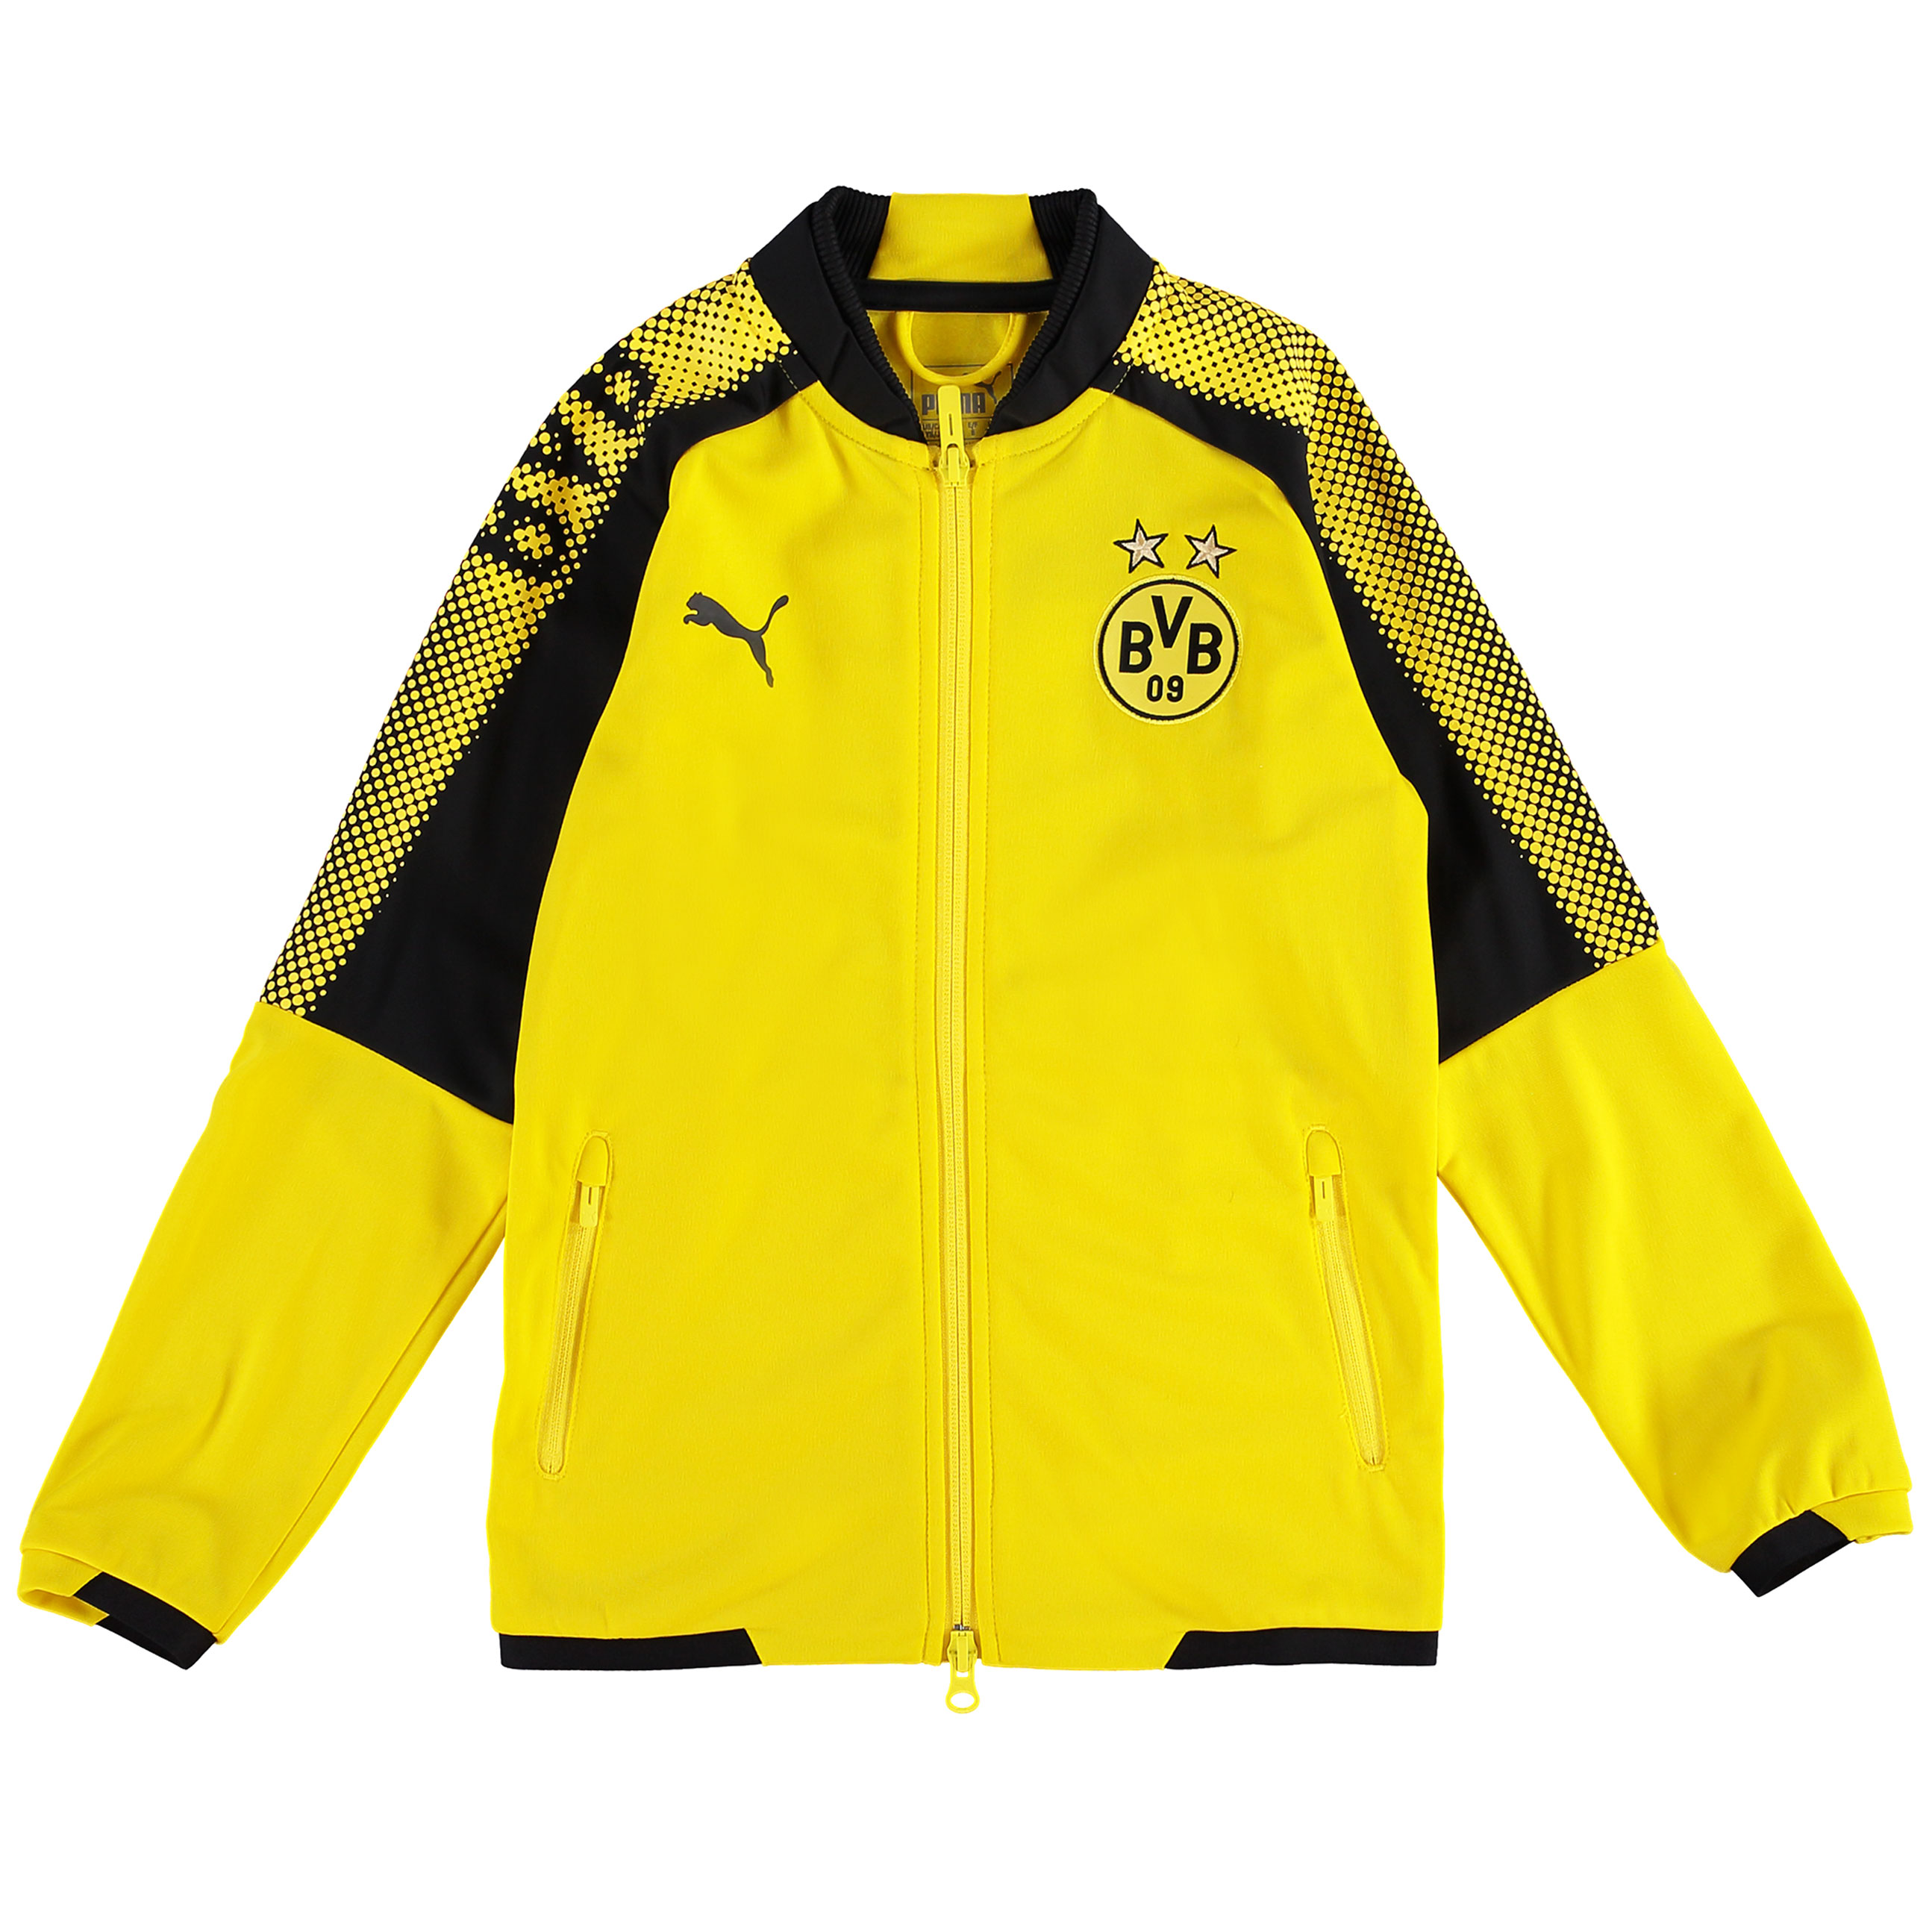 b5a0e05f3 Futbalové kluby (všetky) | Puma Borussia Dortmund BVB 09 bunda ...